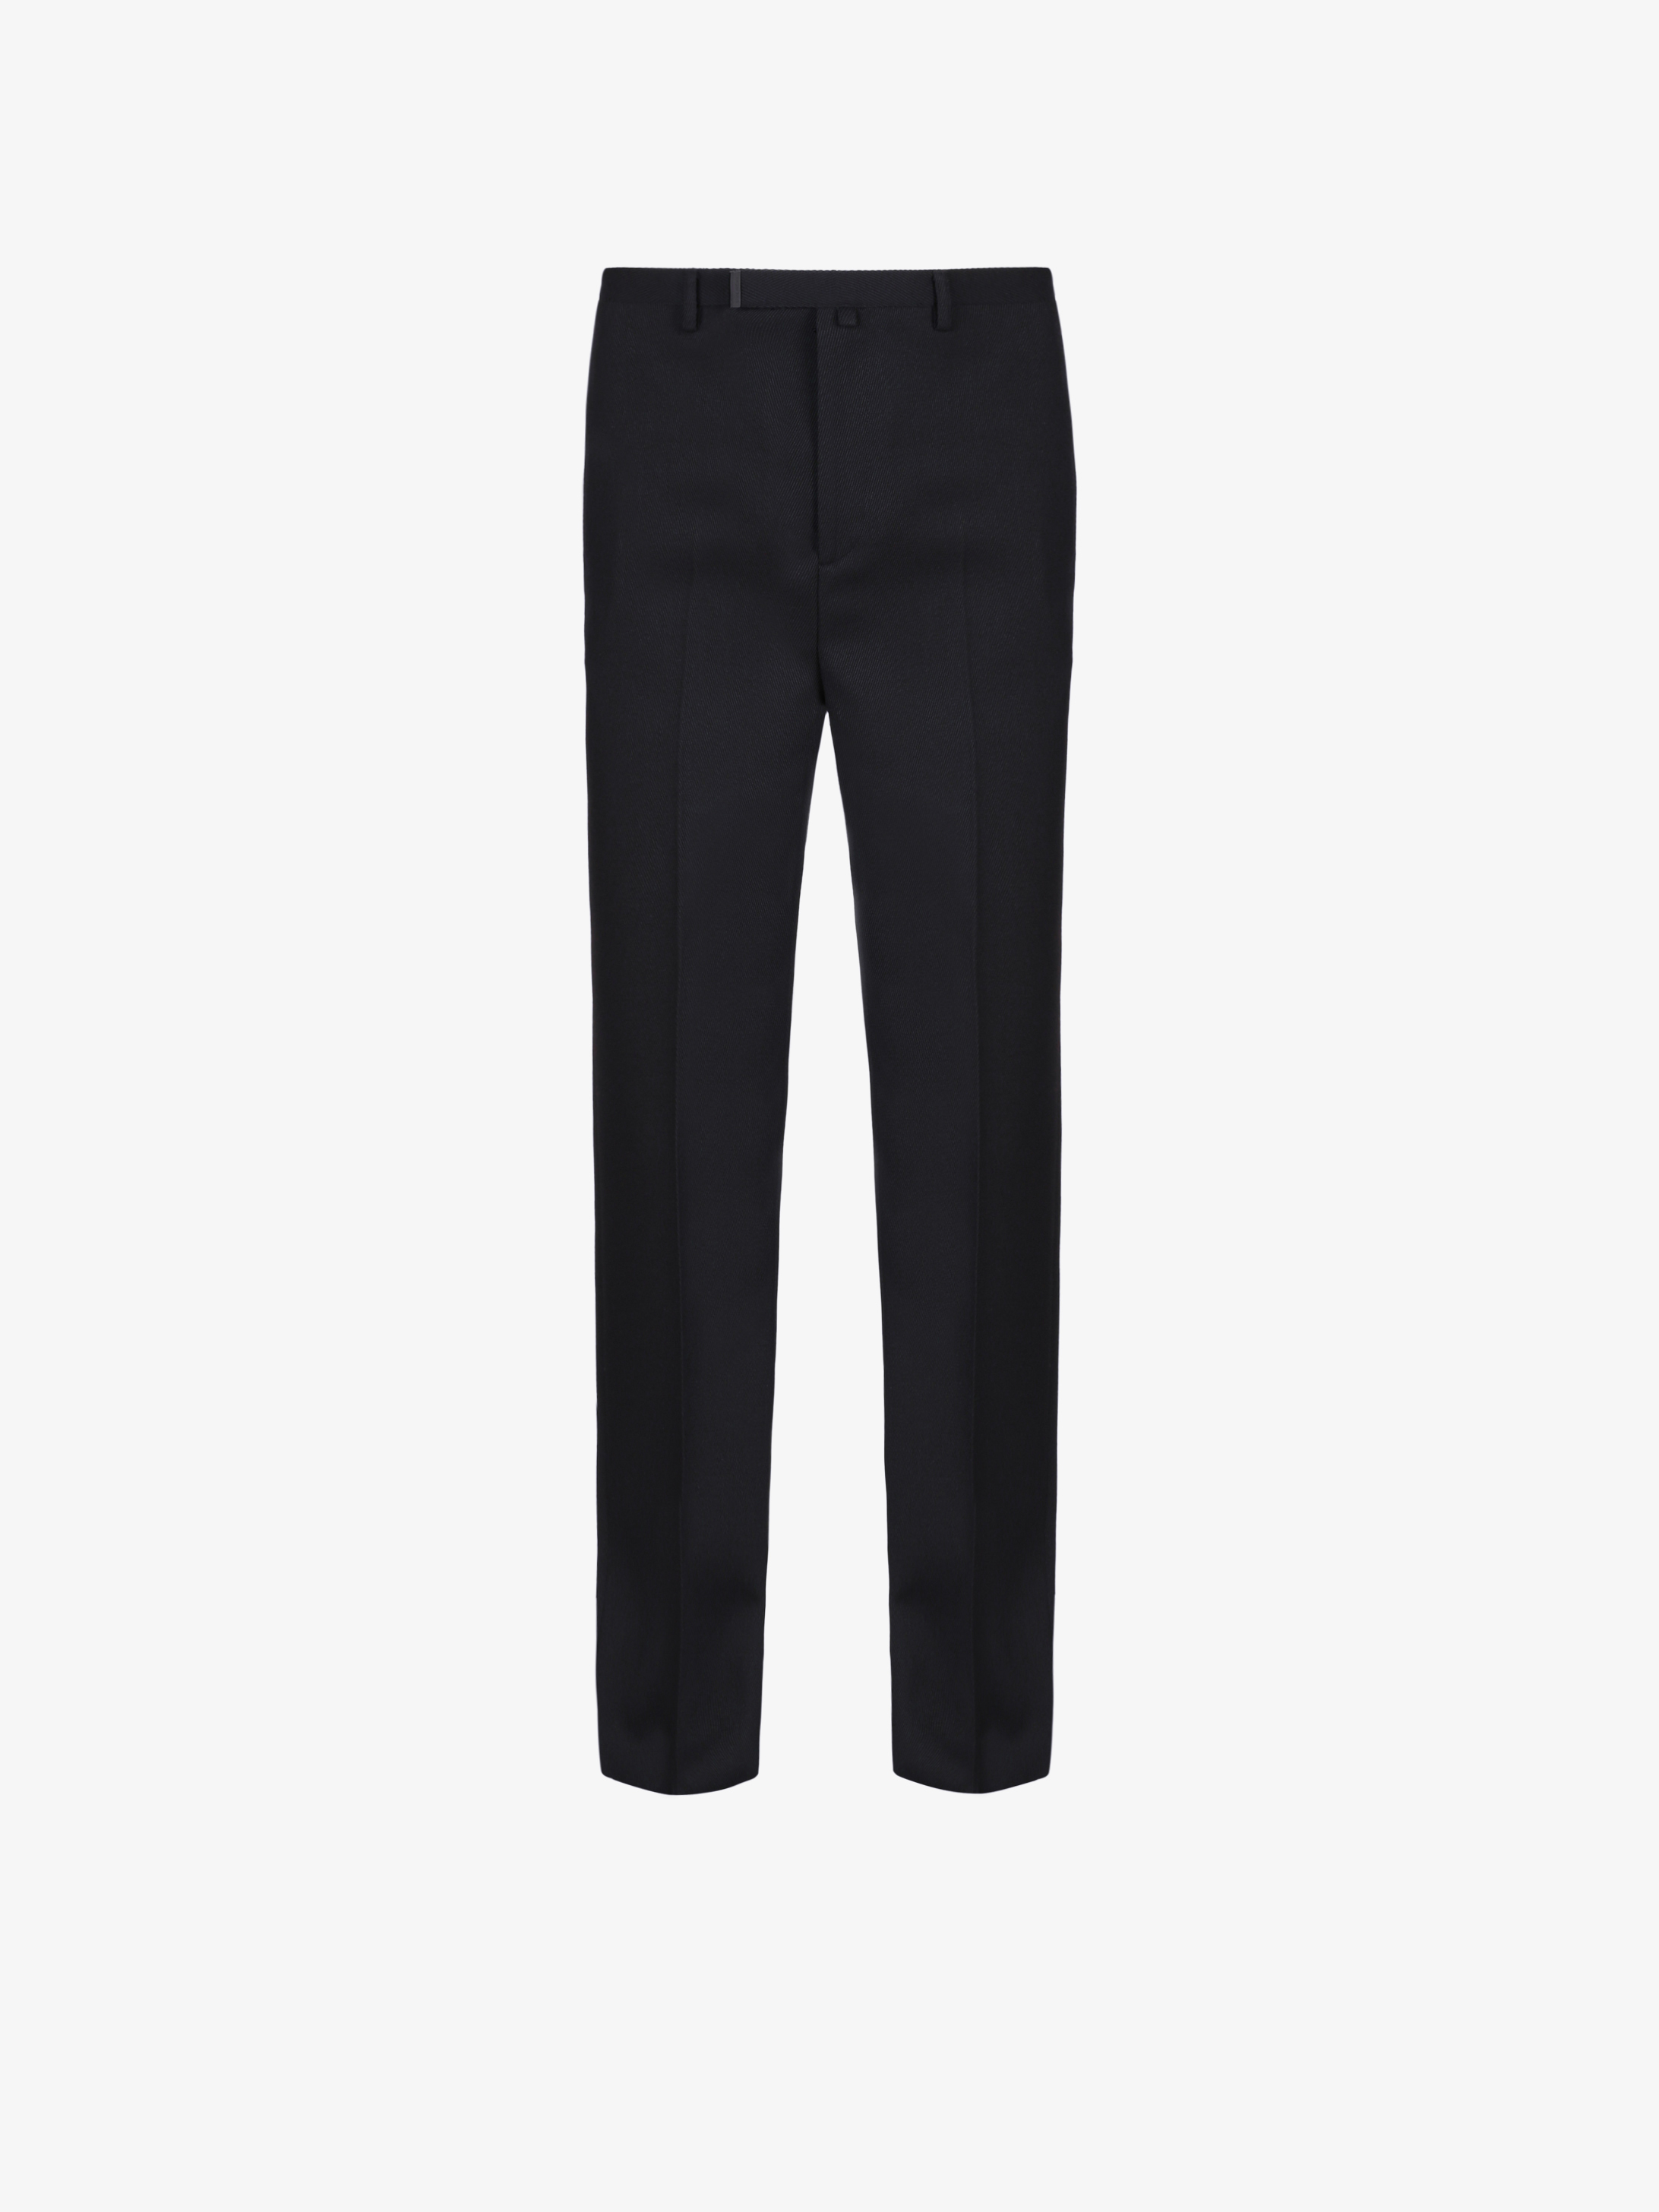 Oversized pants in wool